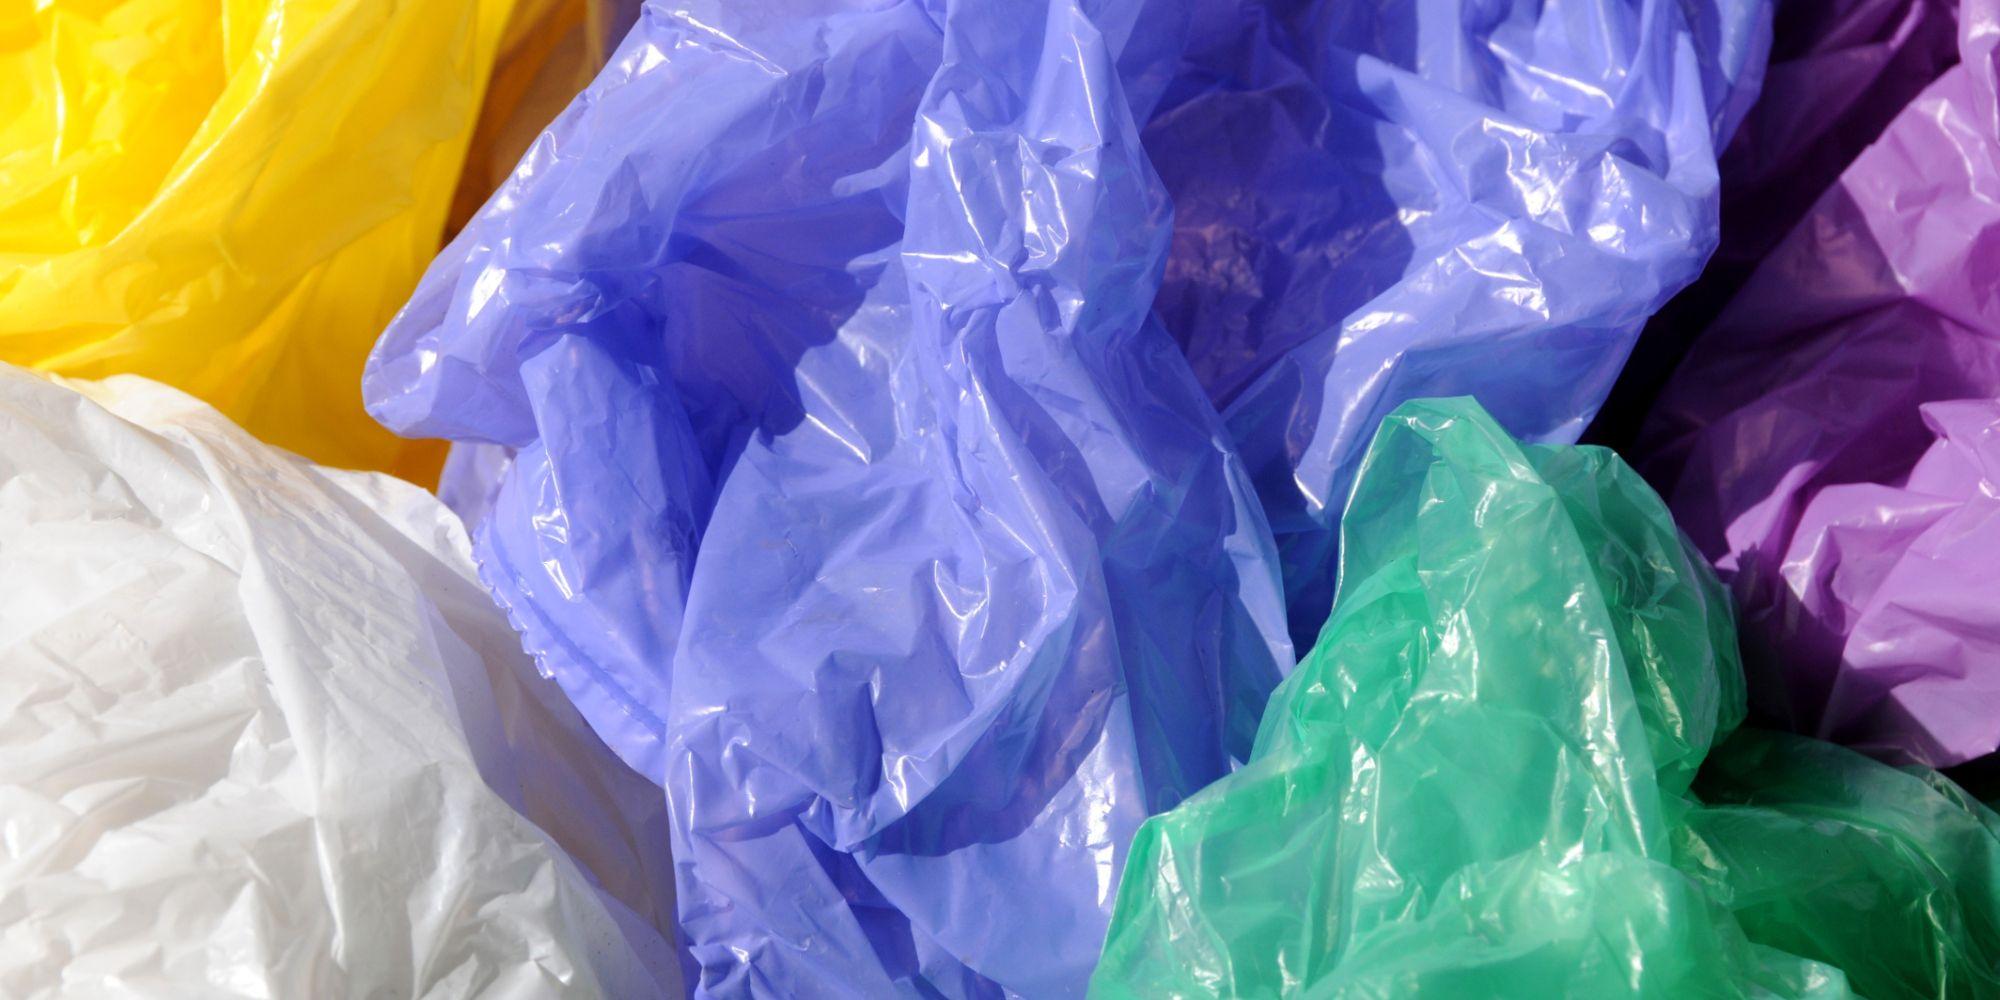 حجز 36 طنا من الأكياس البلاستيكية وإيقاف 12 شخصا خلال الربع الأول من 2017